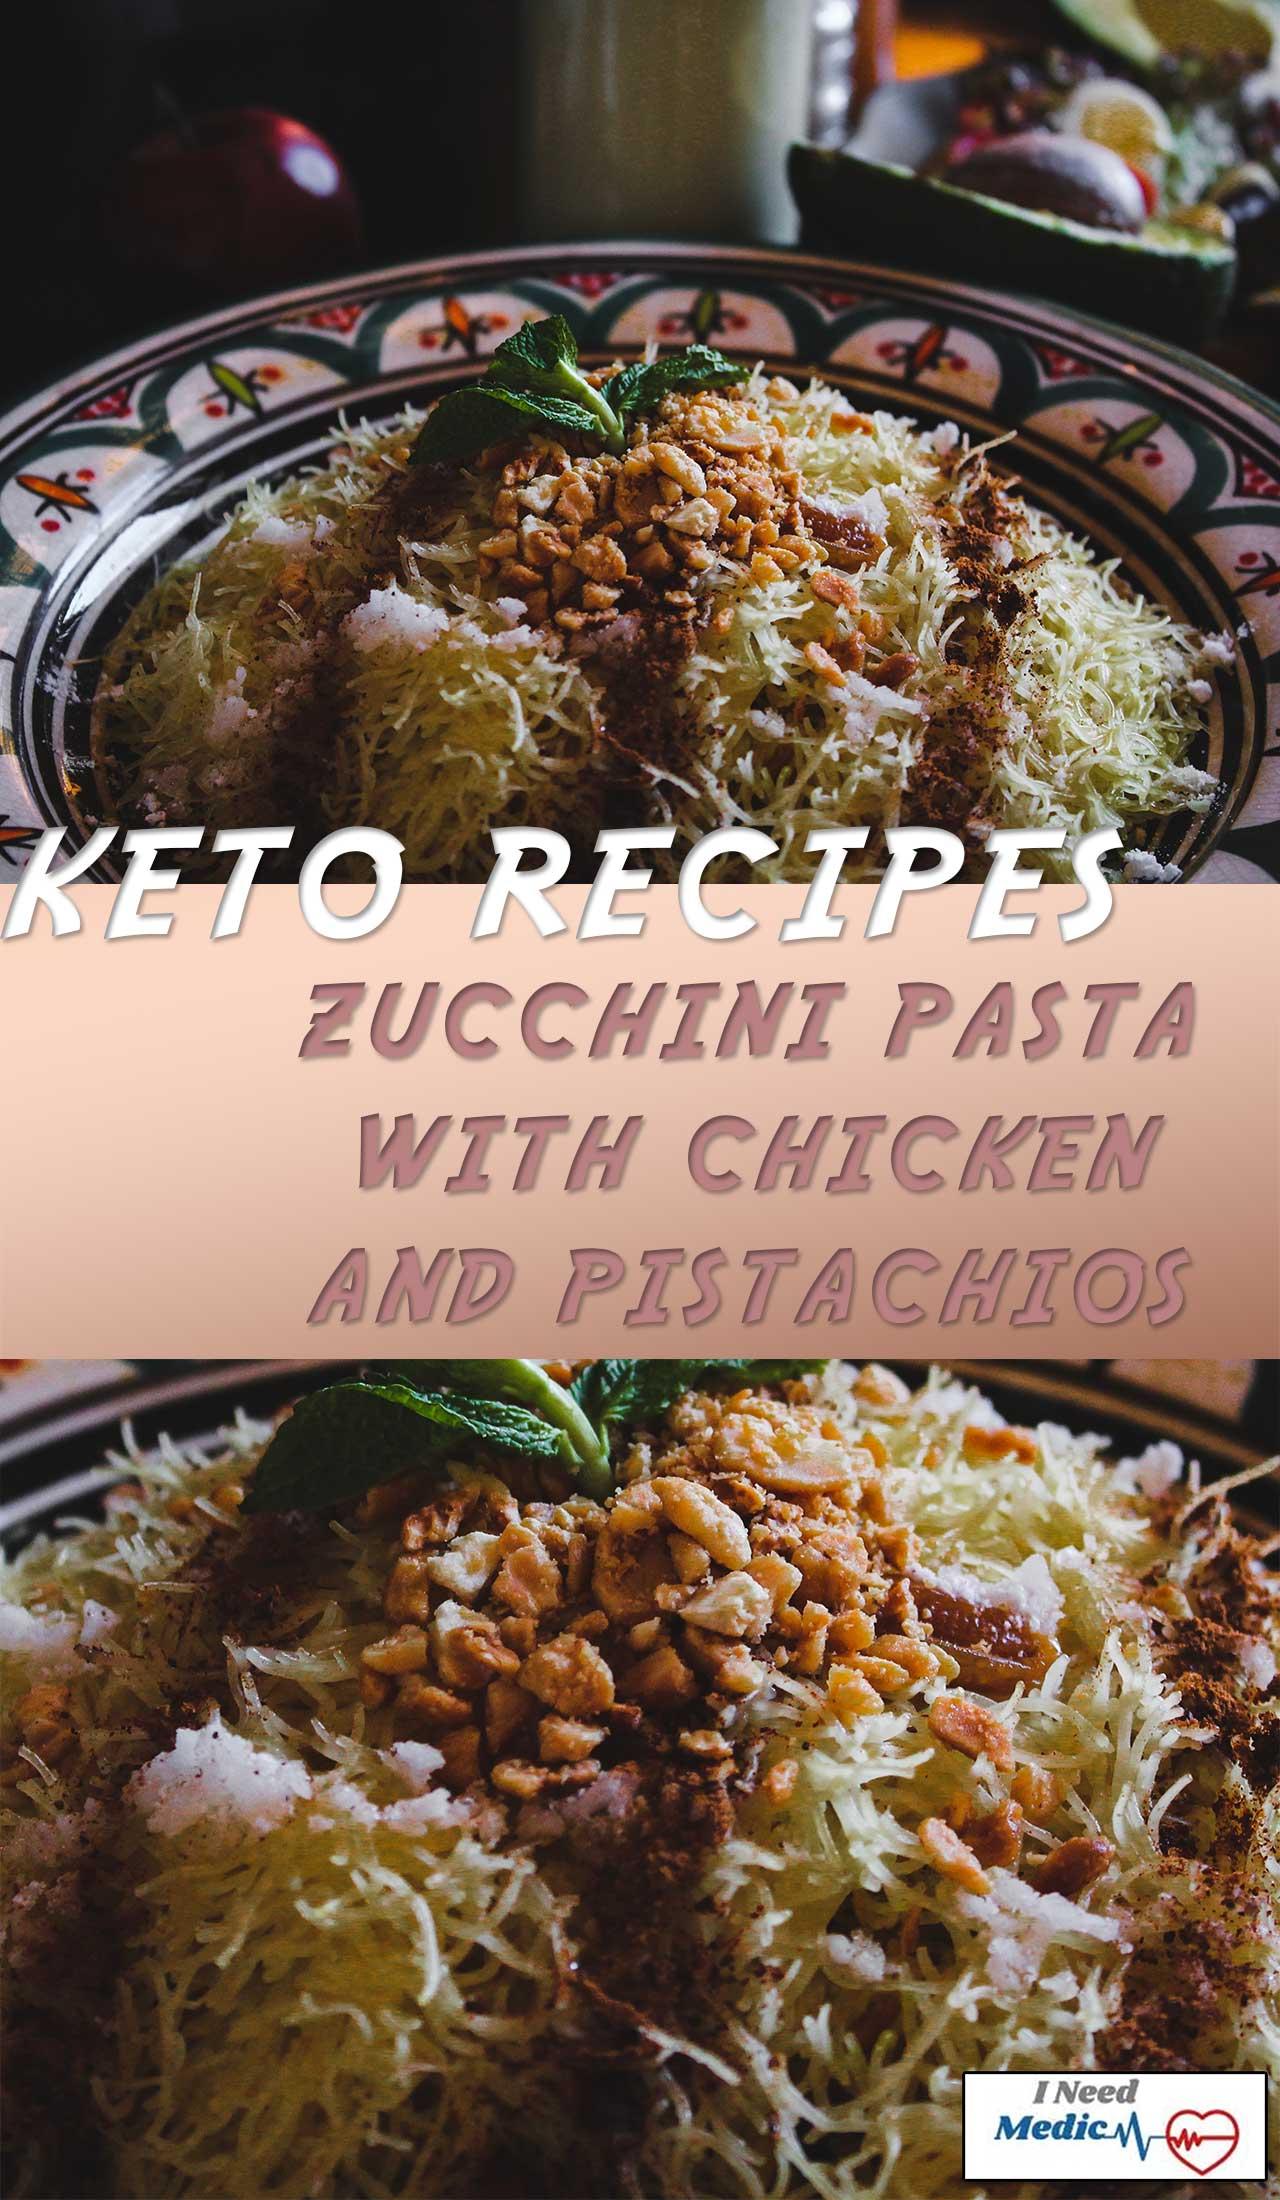 Zucchini Pasta with Chicken recipes, keto recipes